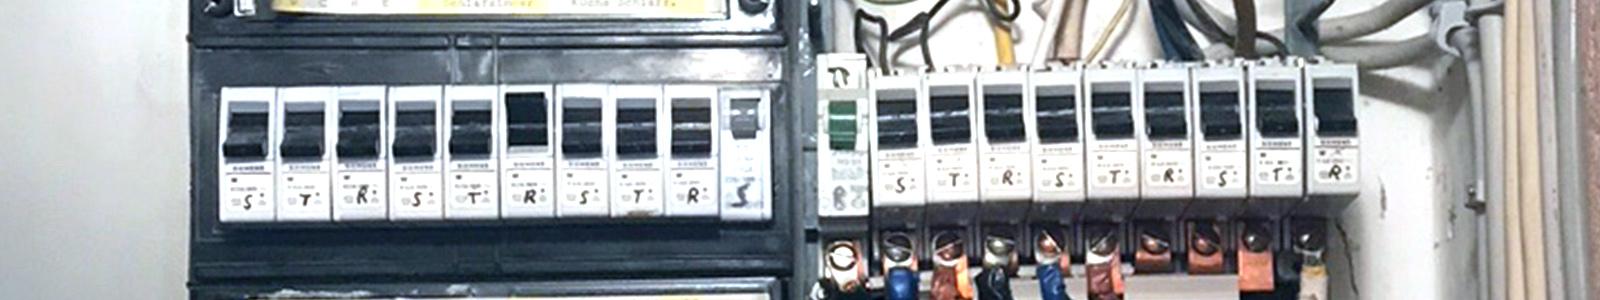 Schadenfrosch Elektro Notdienst